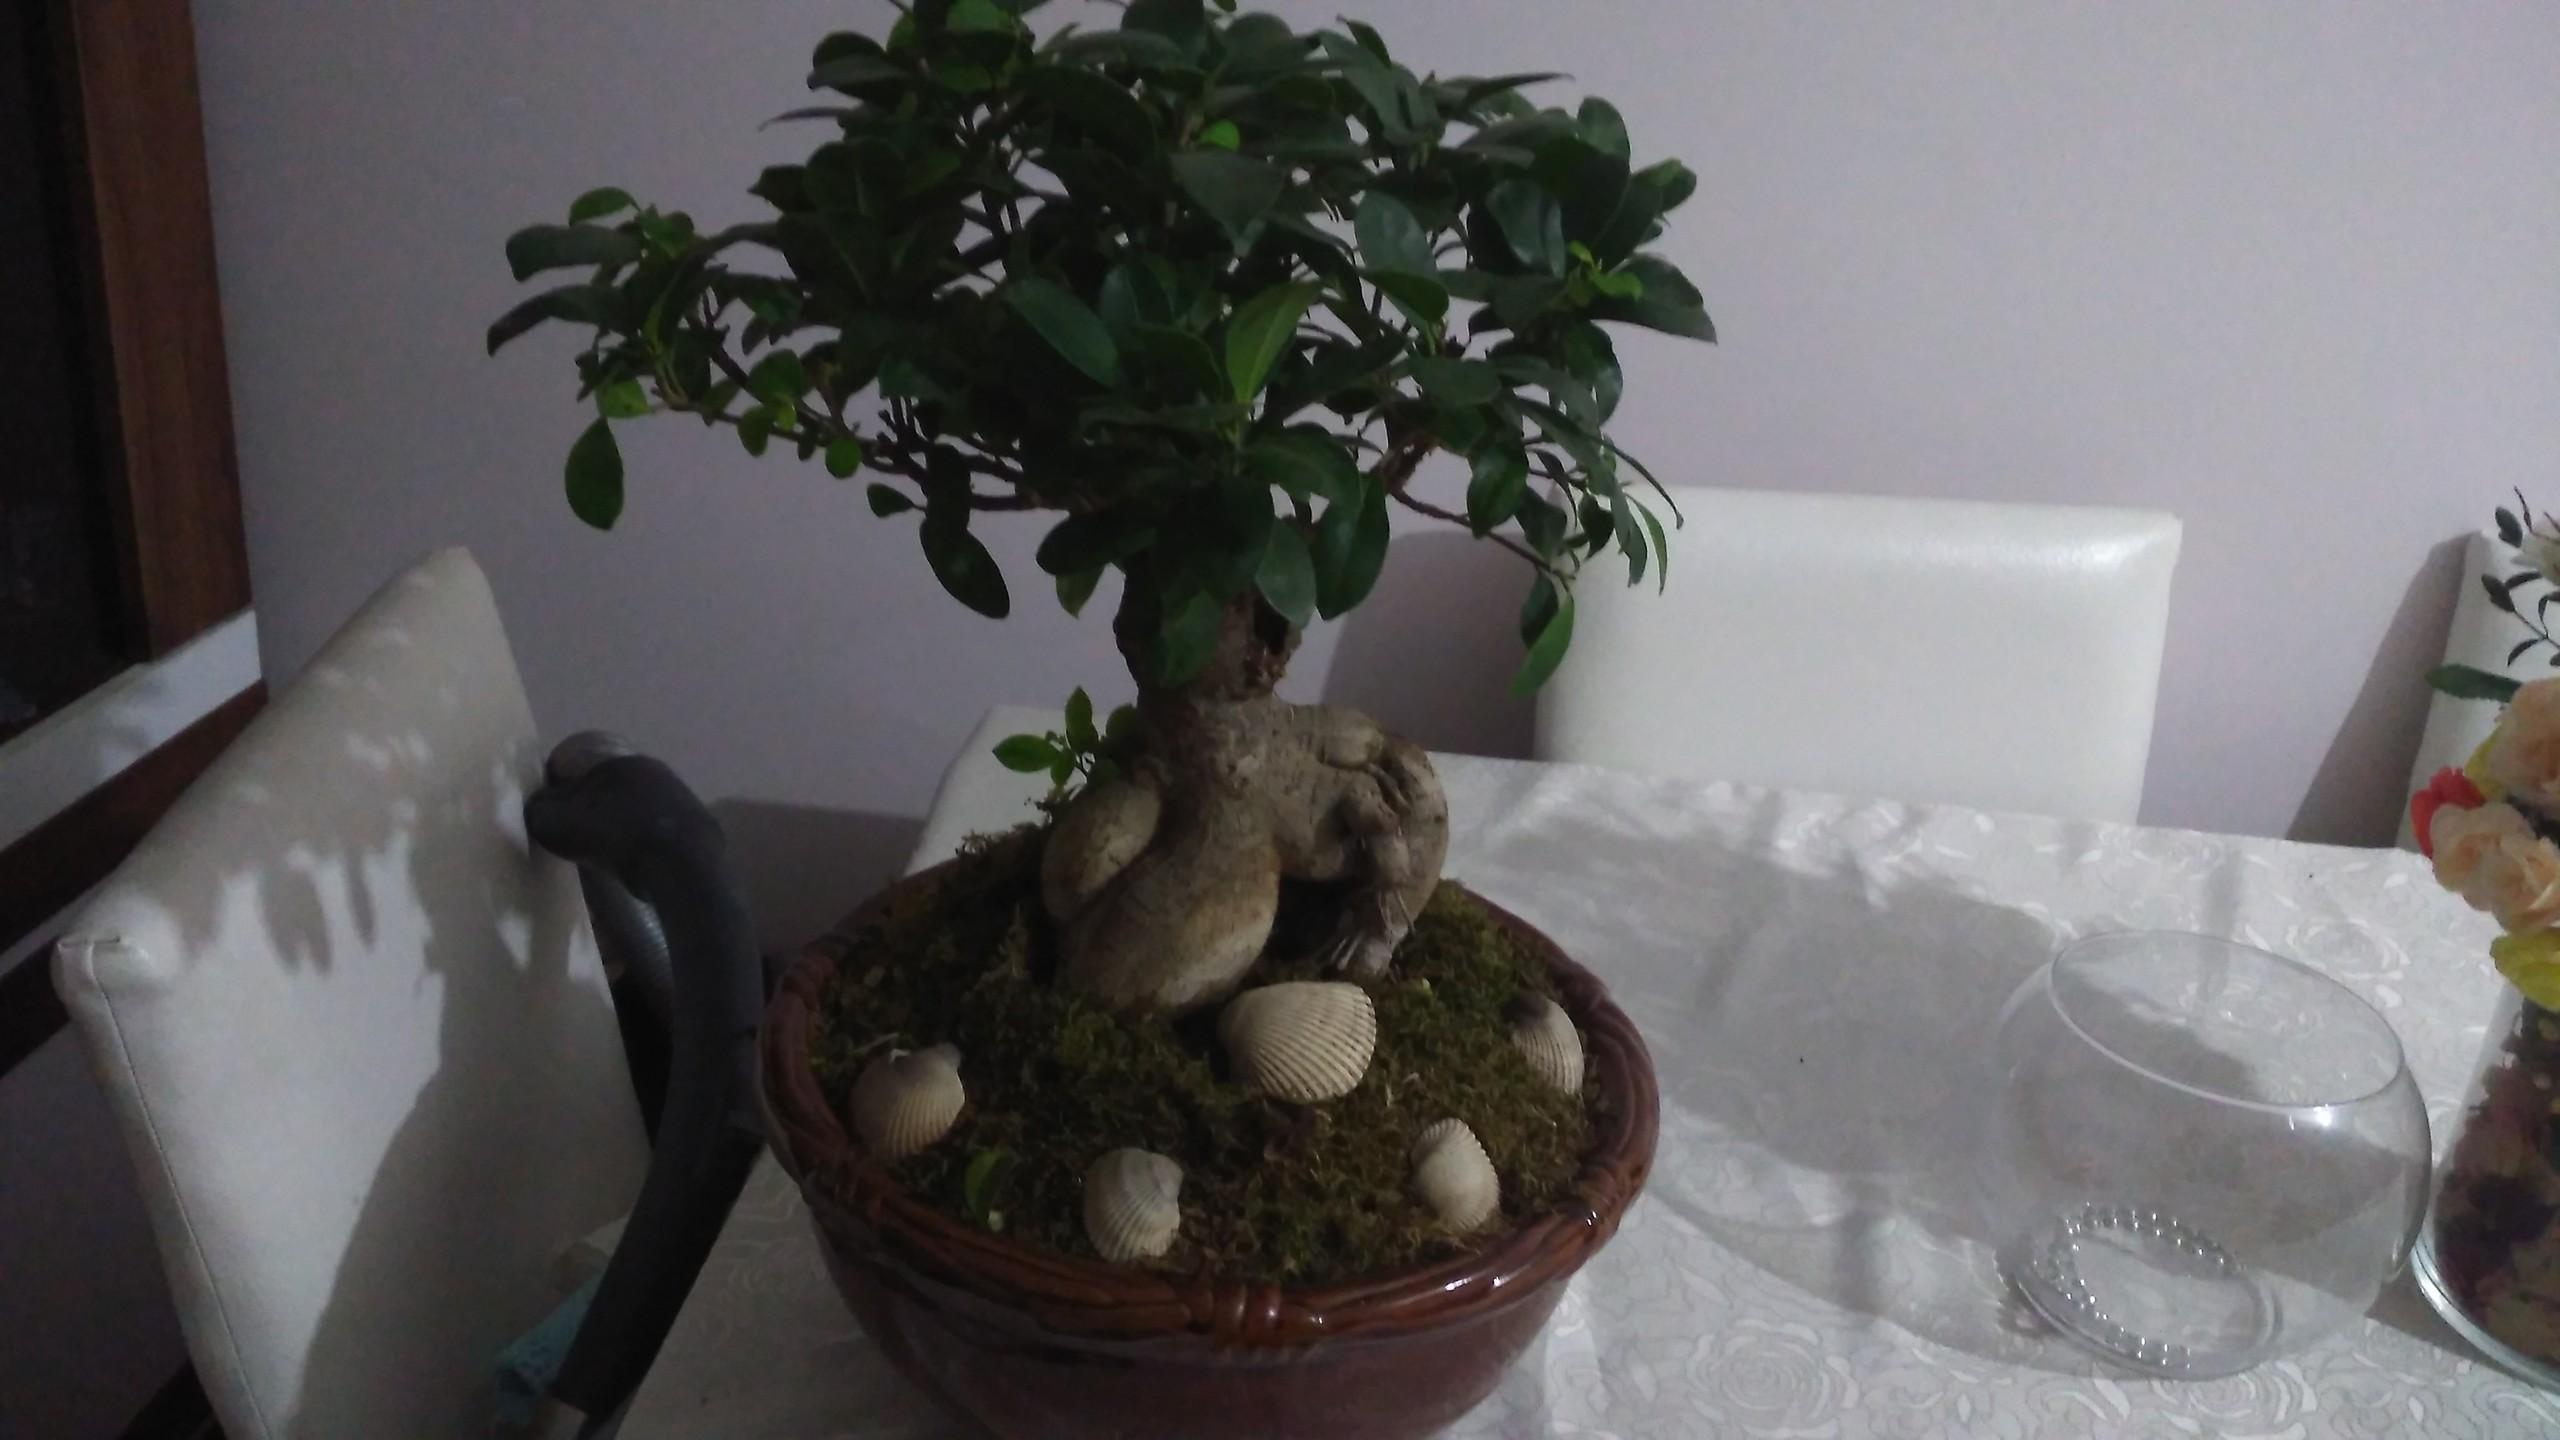 Ficus zehirli olup olmamalı ve nereye koymalı